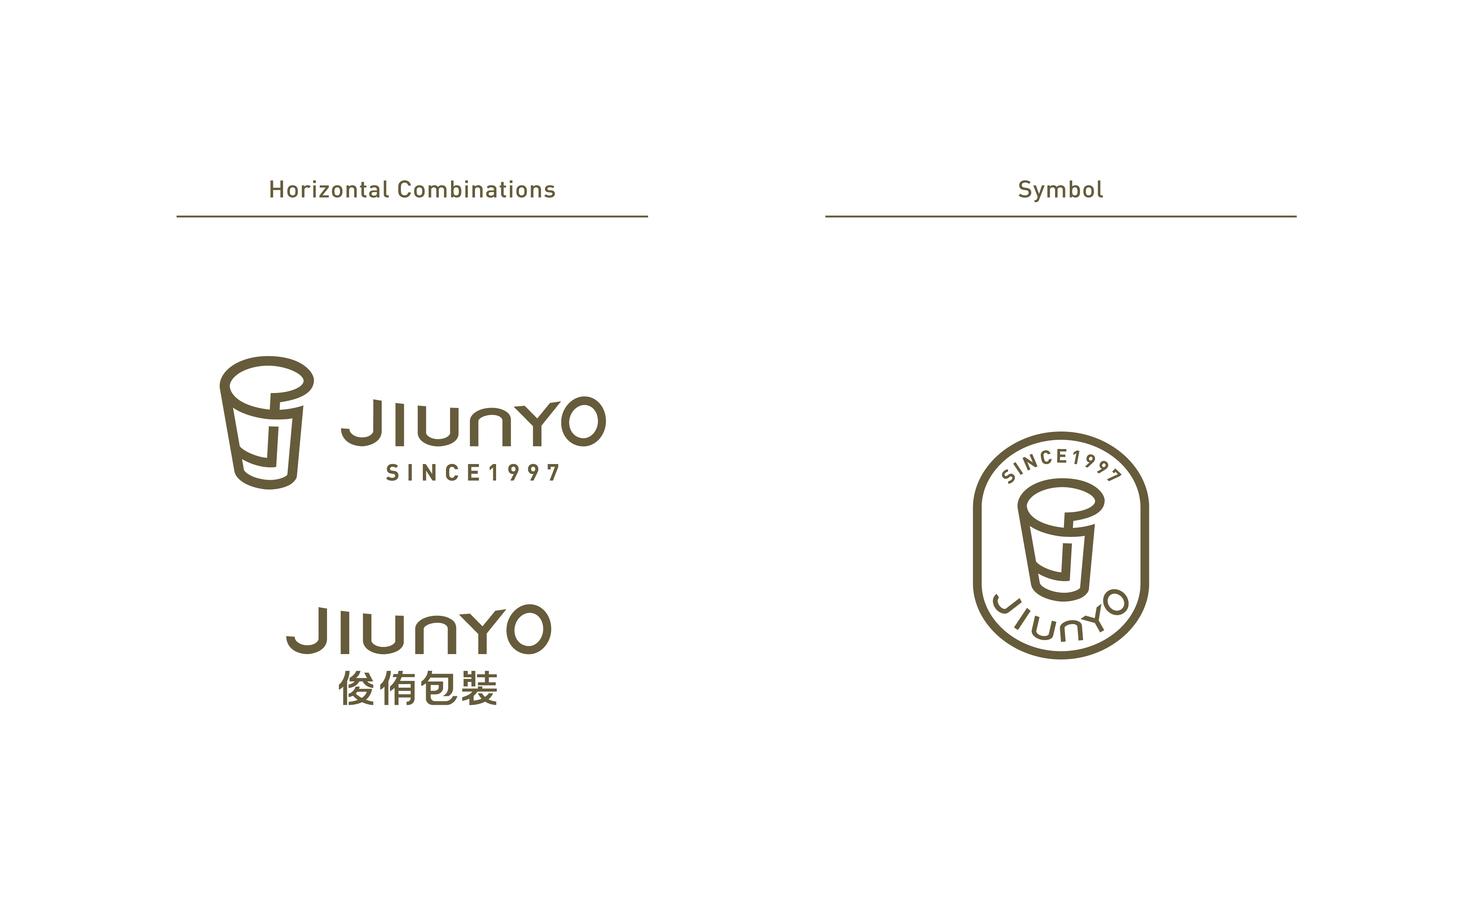 JY_VI_1.jpg